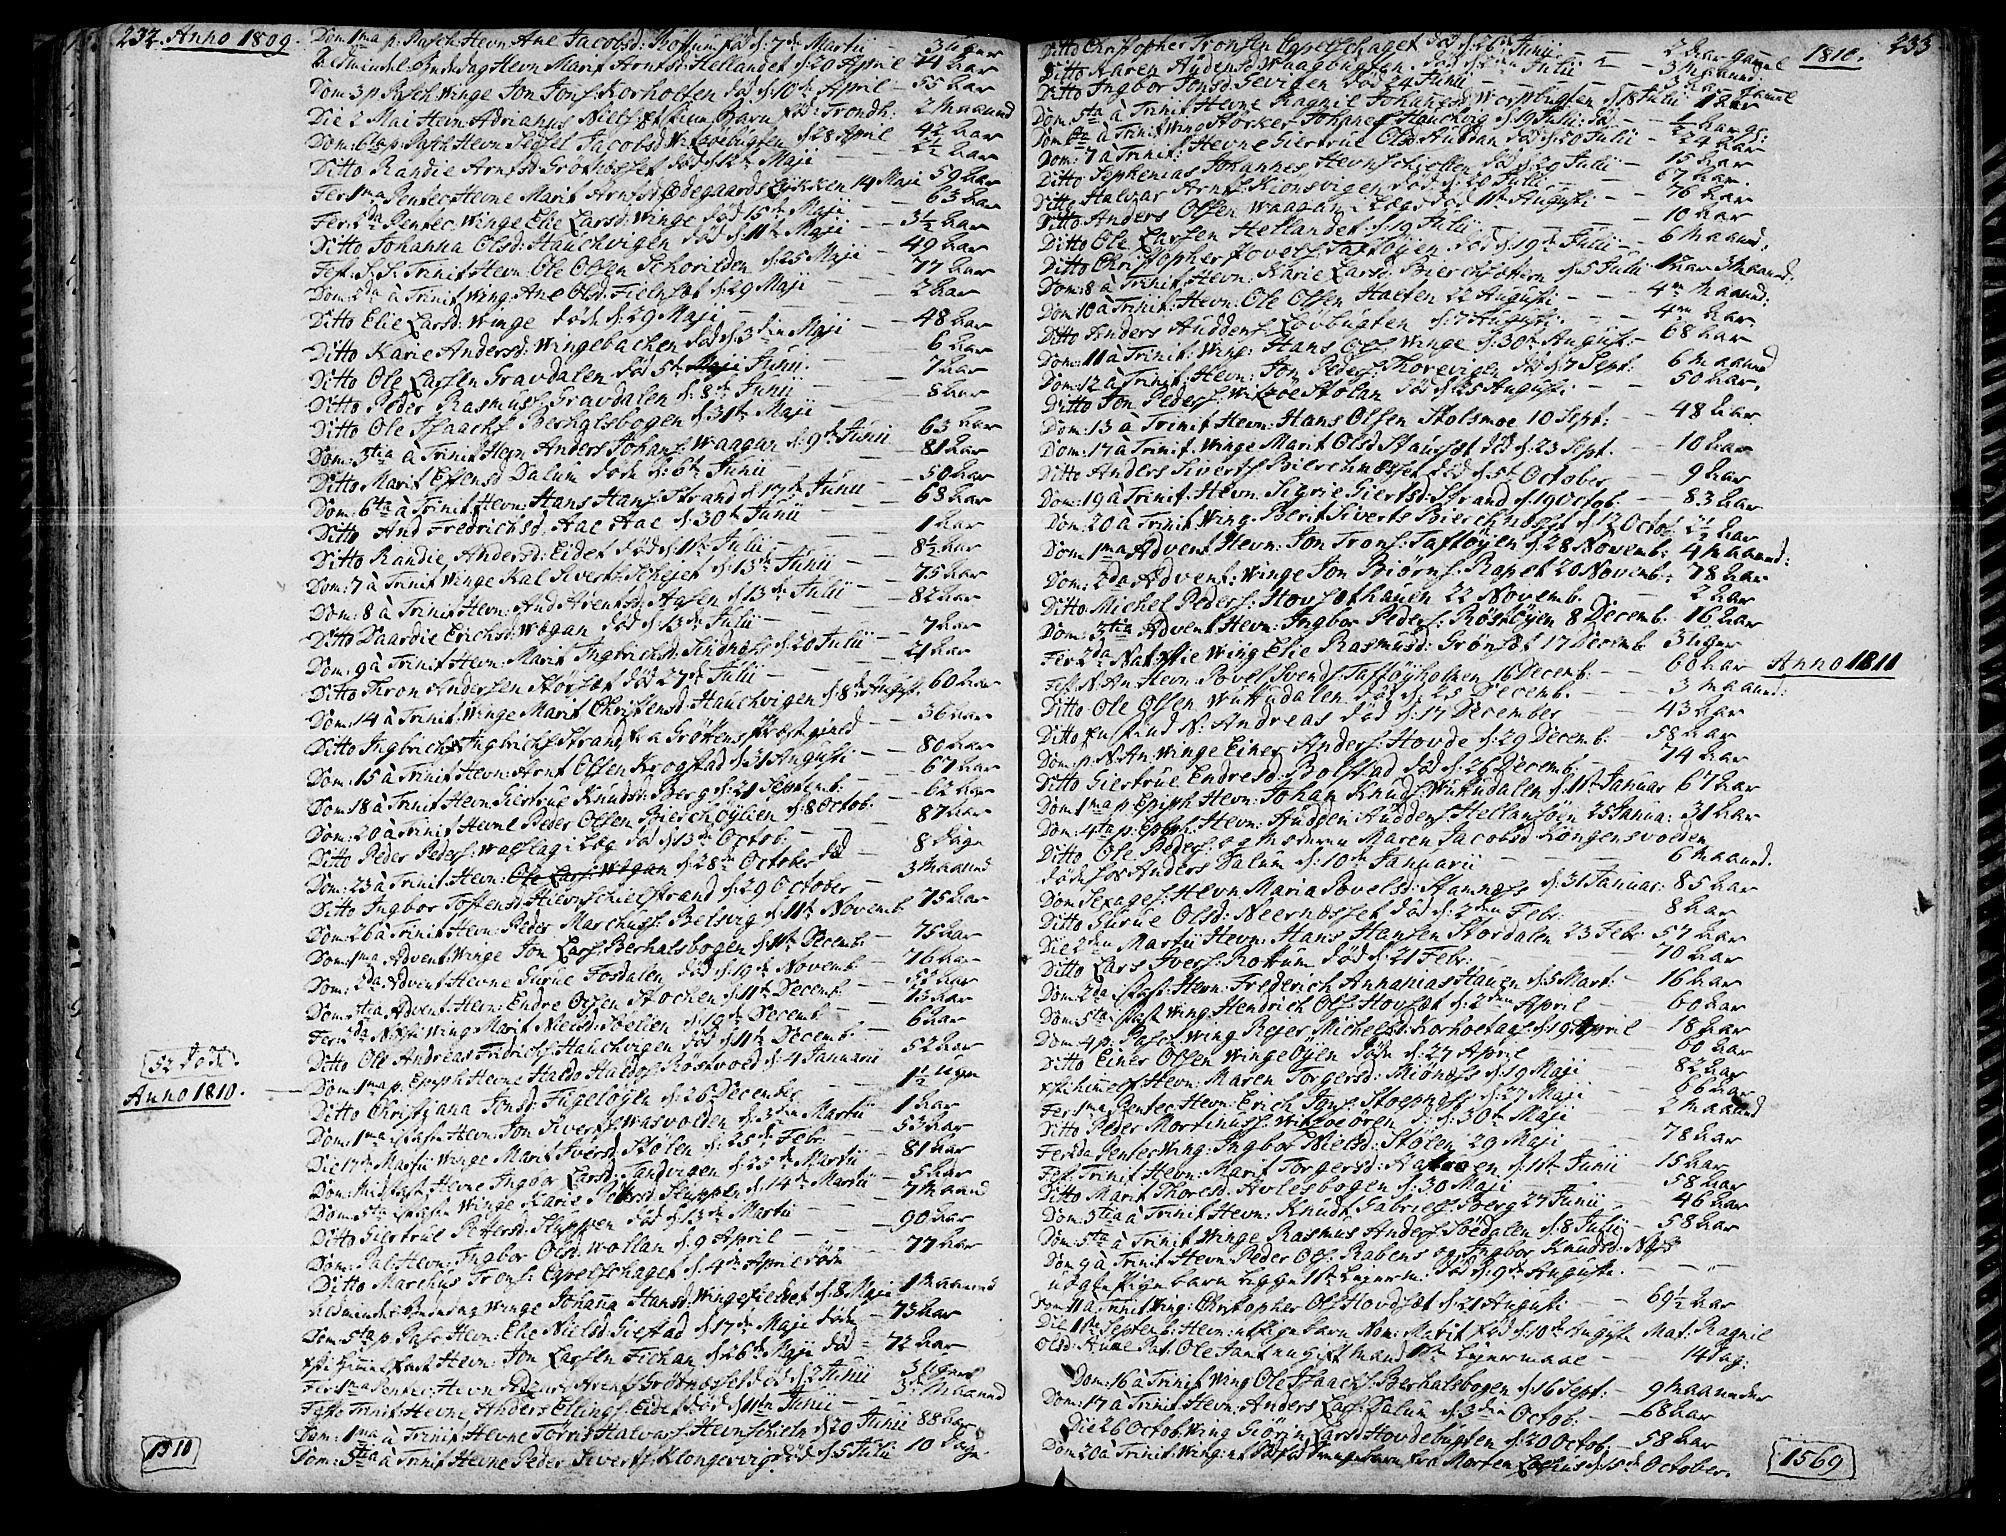 SAT, Ministerialprotokoller, klokkerbøker og fødselsregistre - Sør-Trøndelag, 630/L0490: Ministerialbok nr. 630A03, 1795-1818, s. 232-233